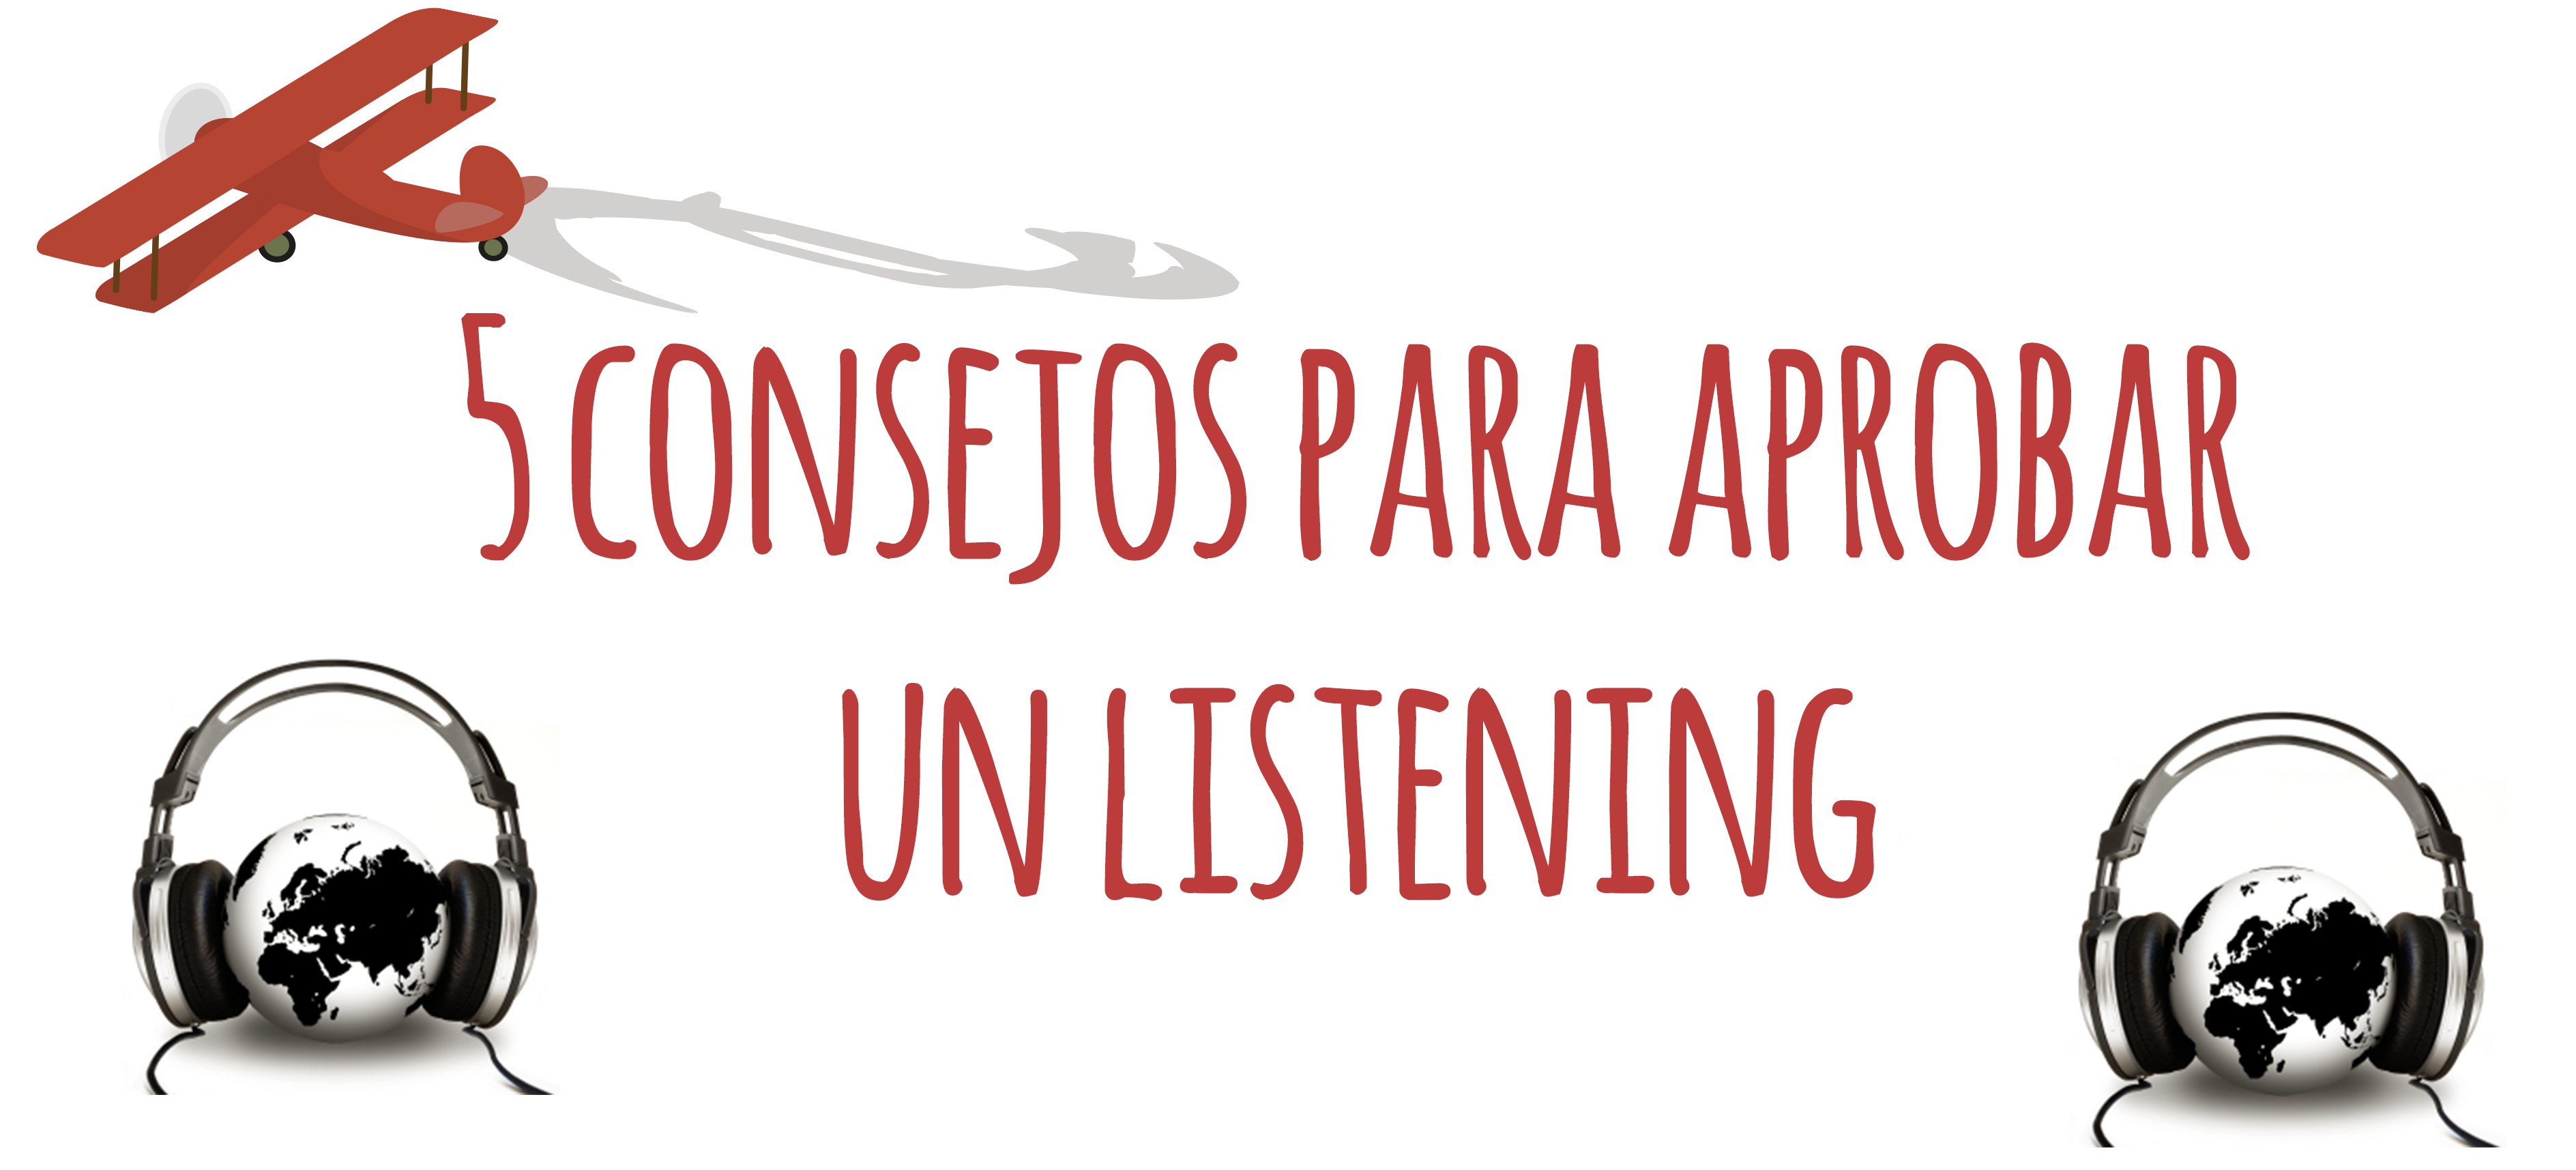 5 CONSEJOS PARA APROBAR UN LISTENING